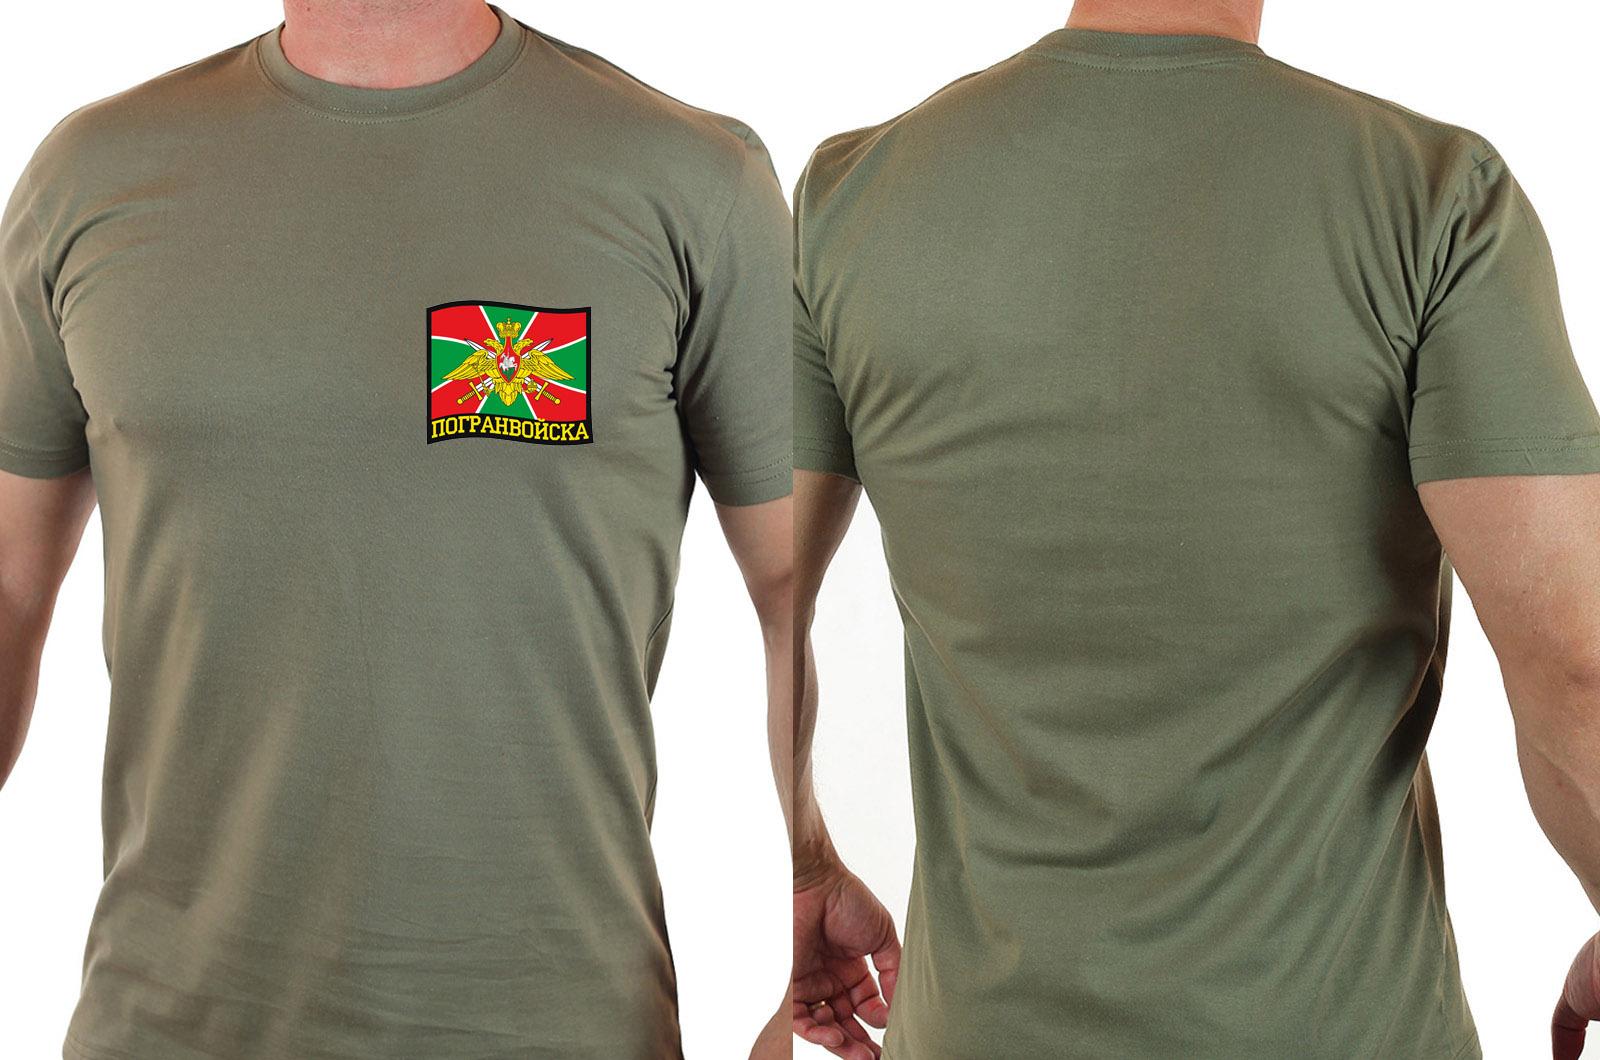 Армейская футболка пограничника с доставкой